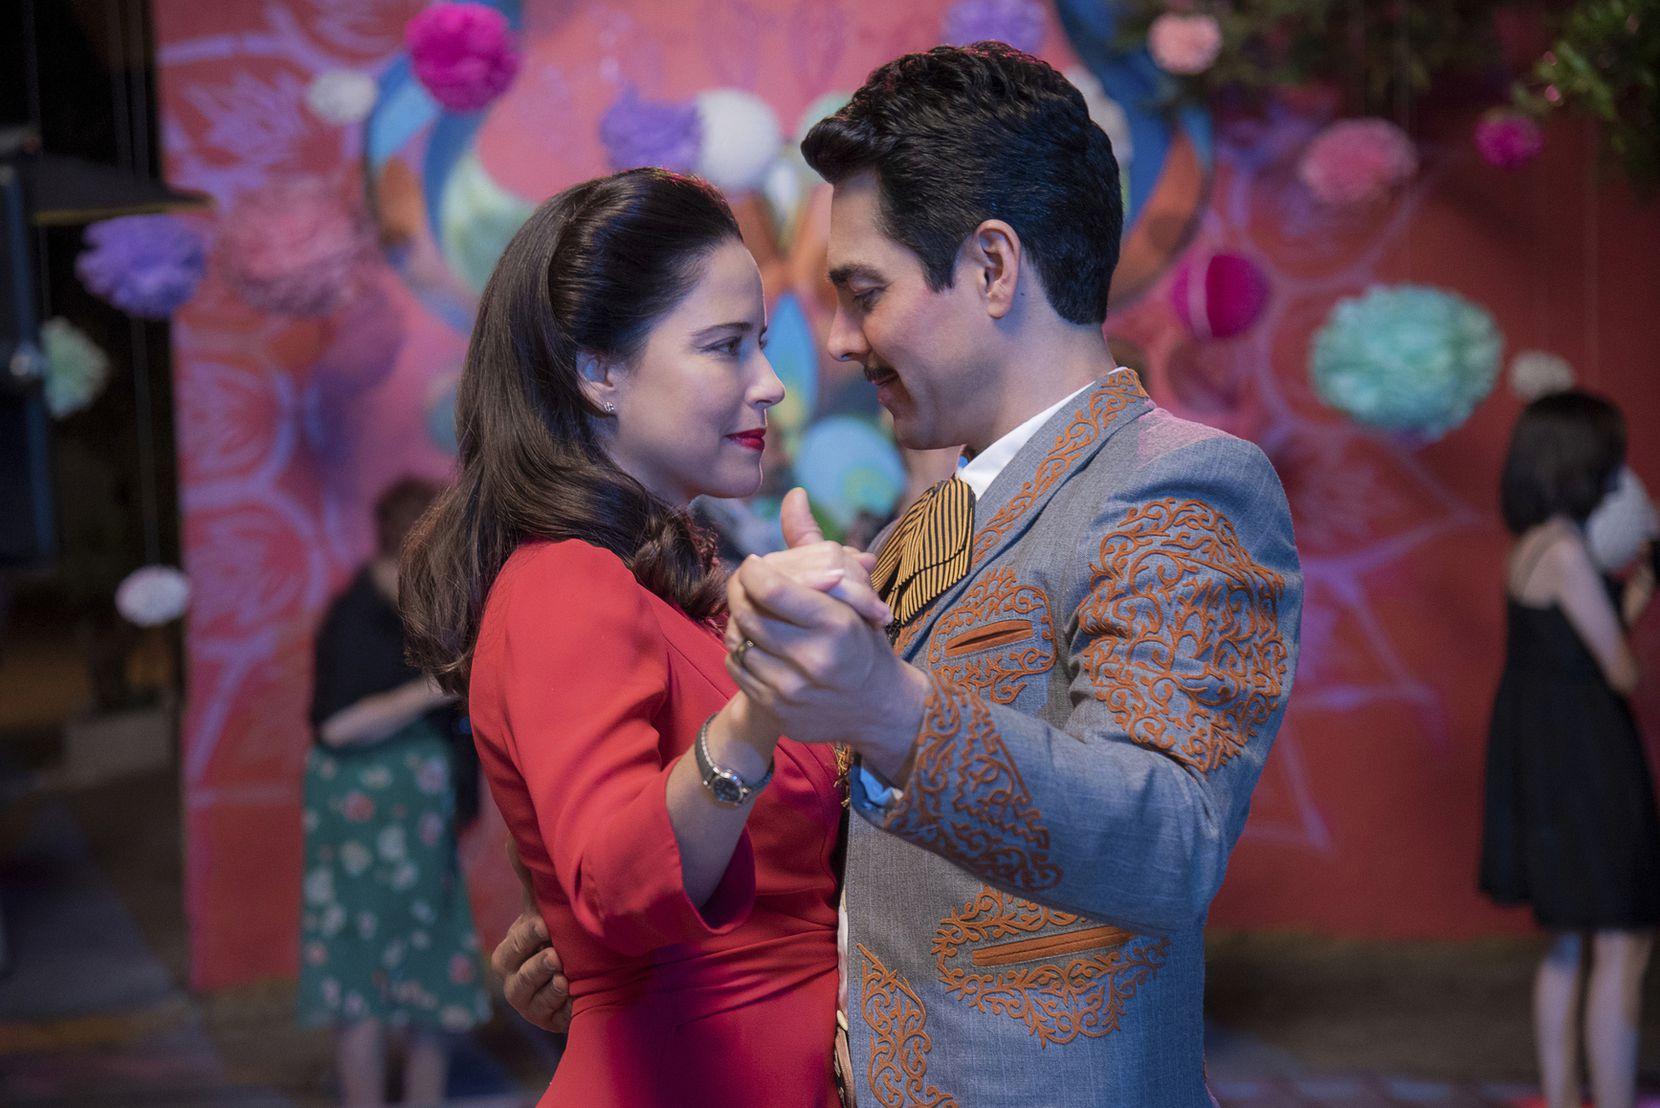 """Ana Claudia Talancón y Omar Chaparro en una escena de """"Como caído del cielo"""" en una imagen proporcionada por Netflix. (Miguel Ramos/Netflix vía AP)"""